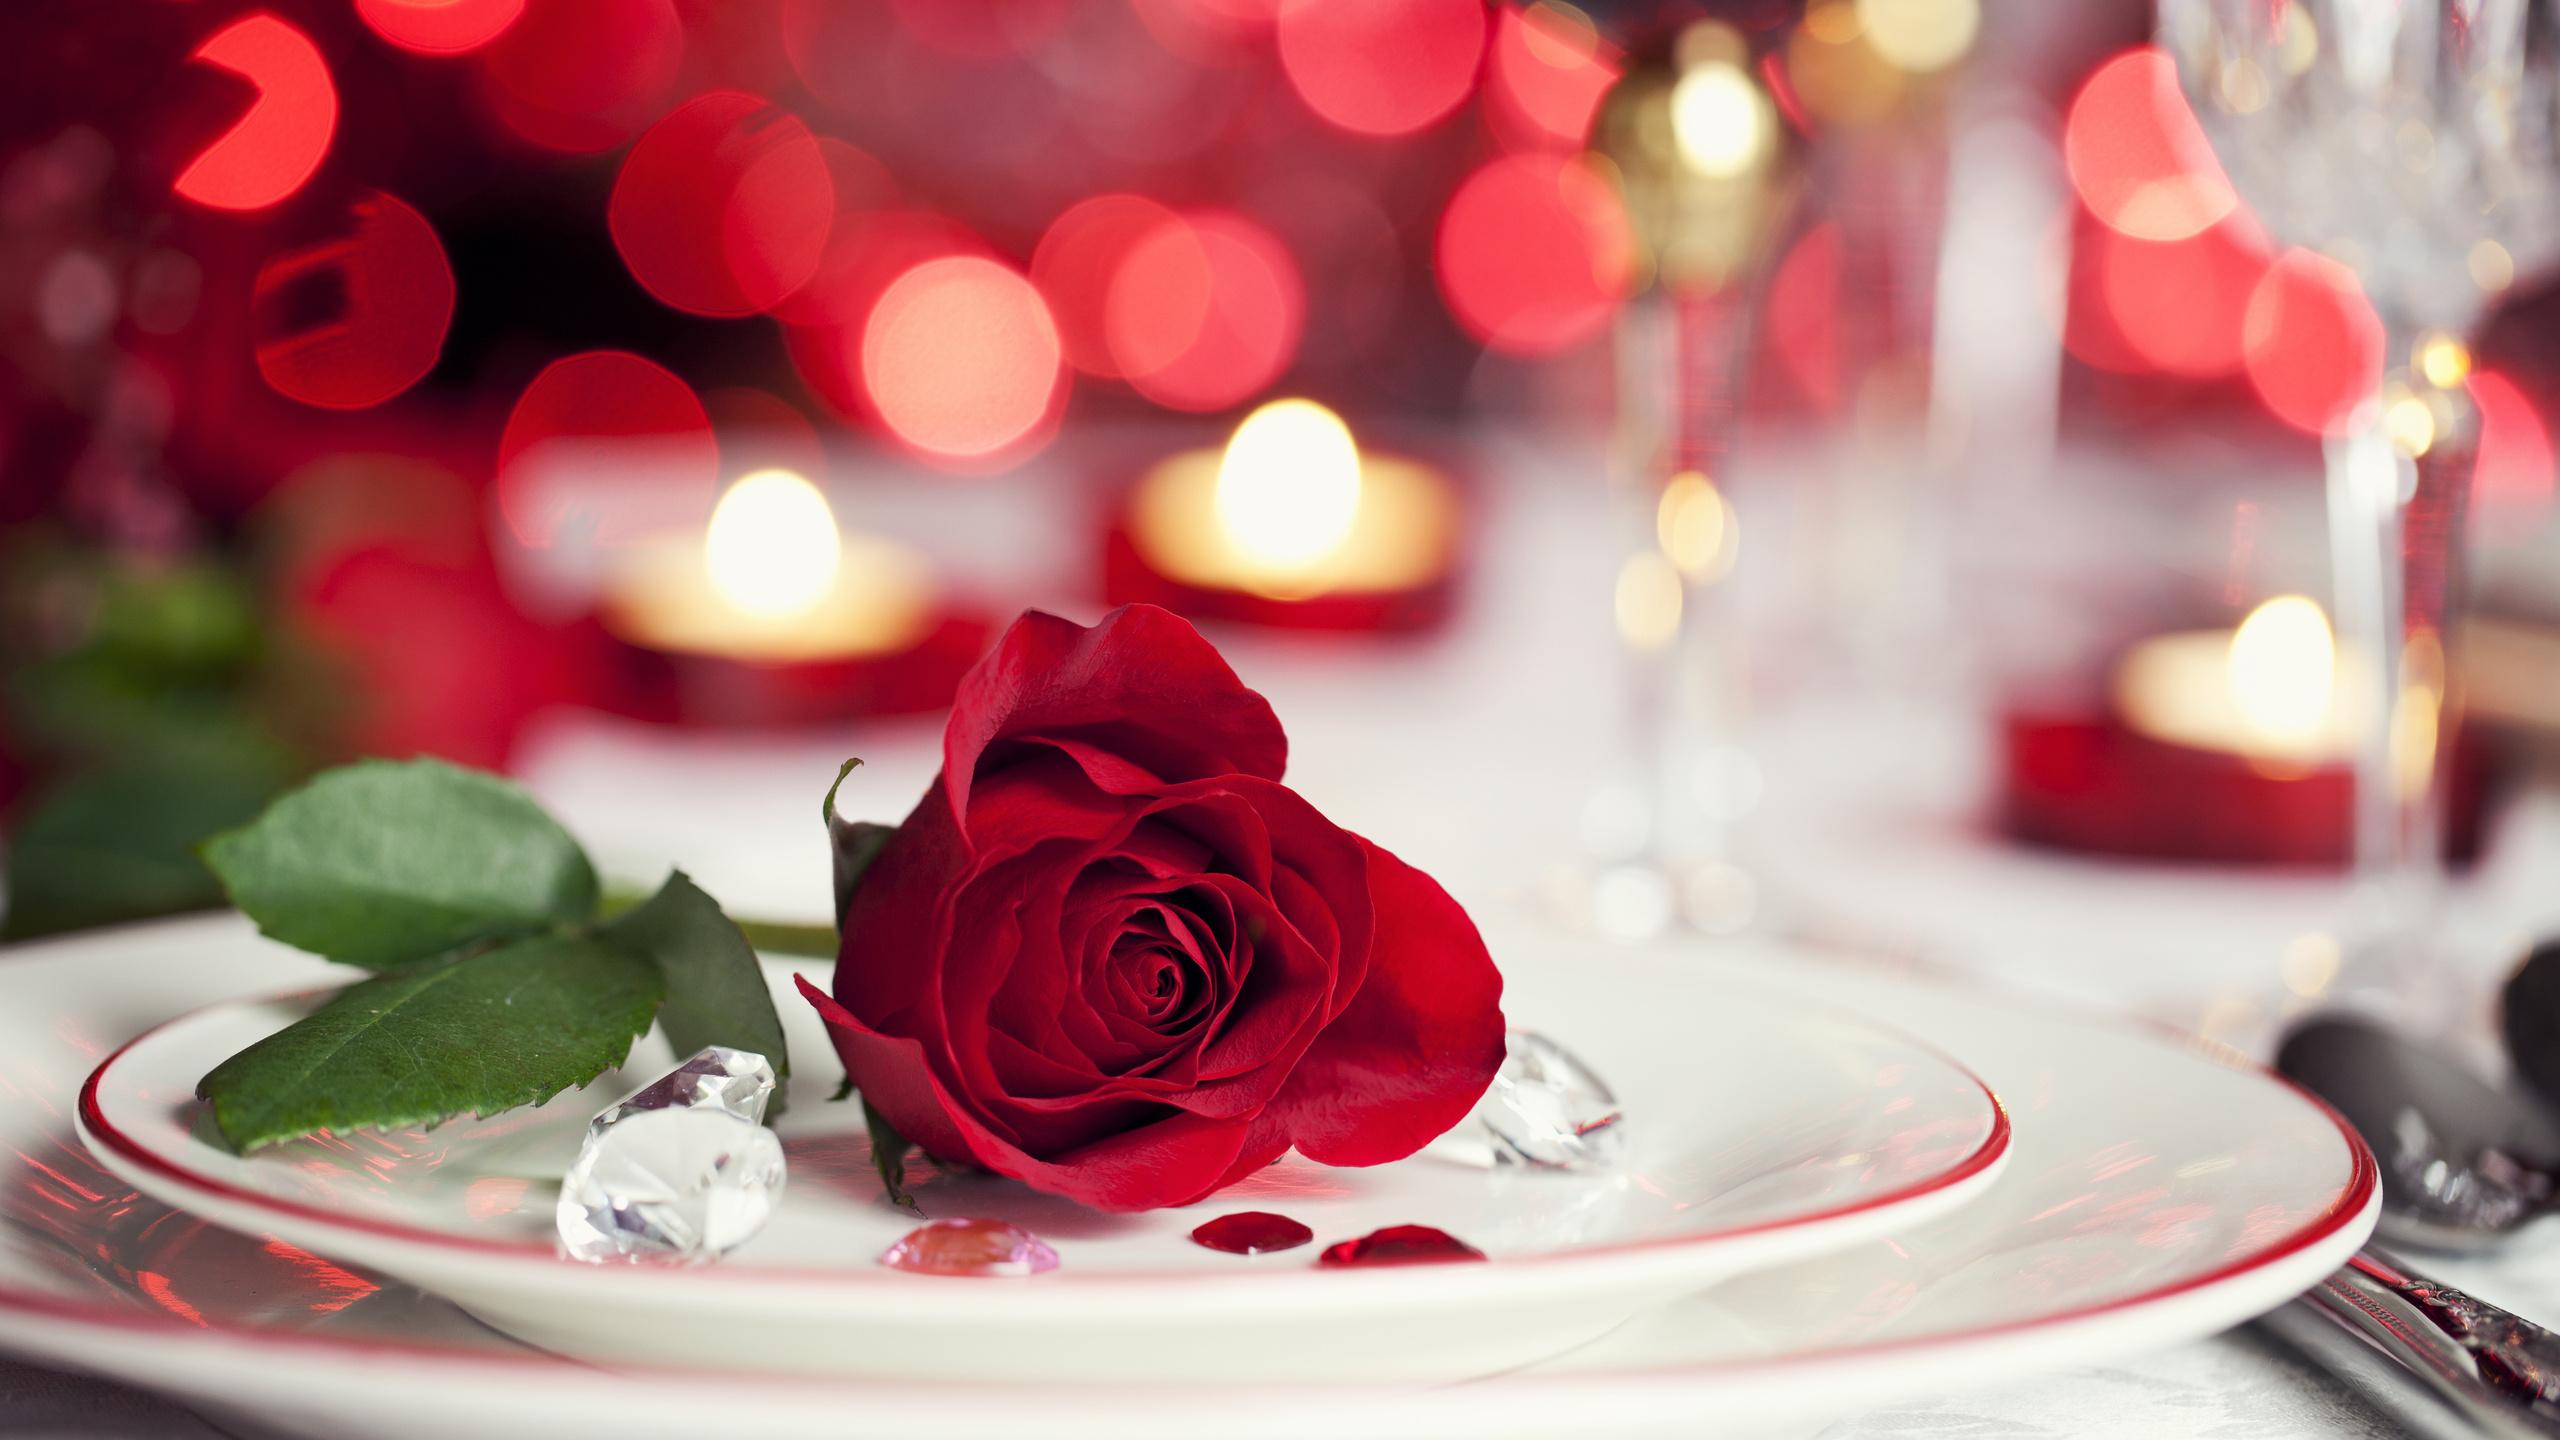 Красные свечи с лепестками роз бесплатно